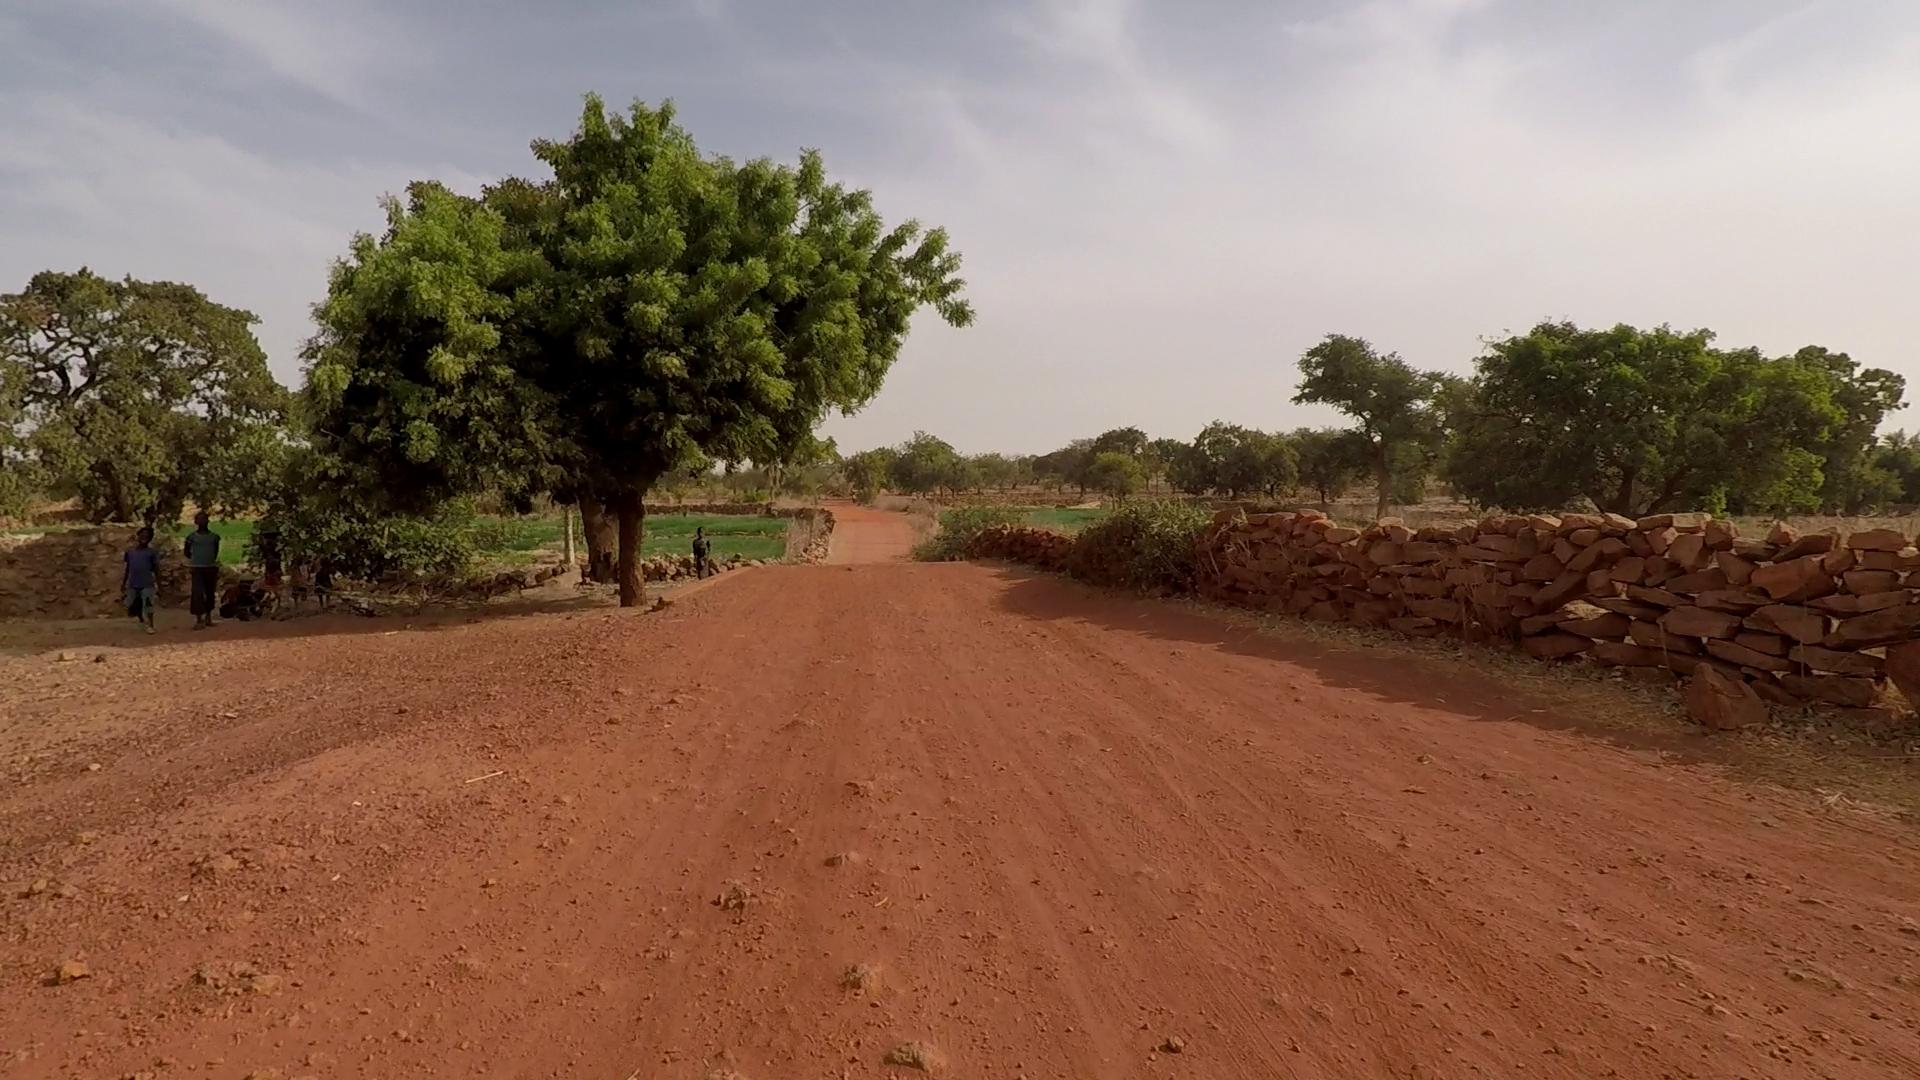 familias dogon agricolas pablocaminante - Malí 4, País Dogon I: Ogossogou